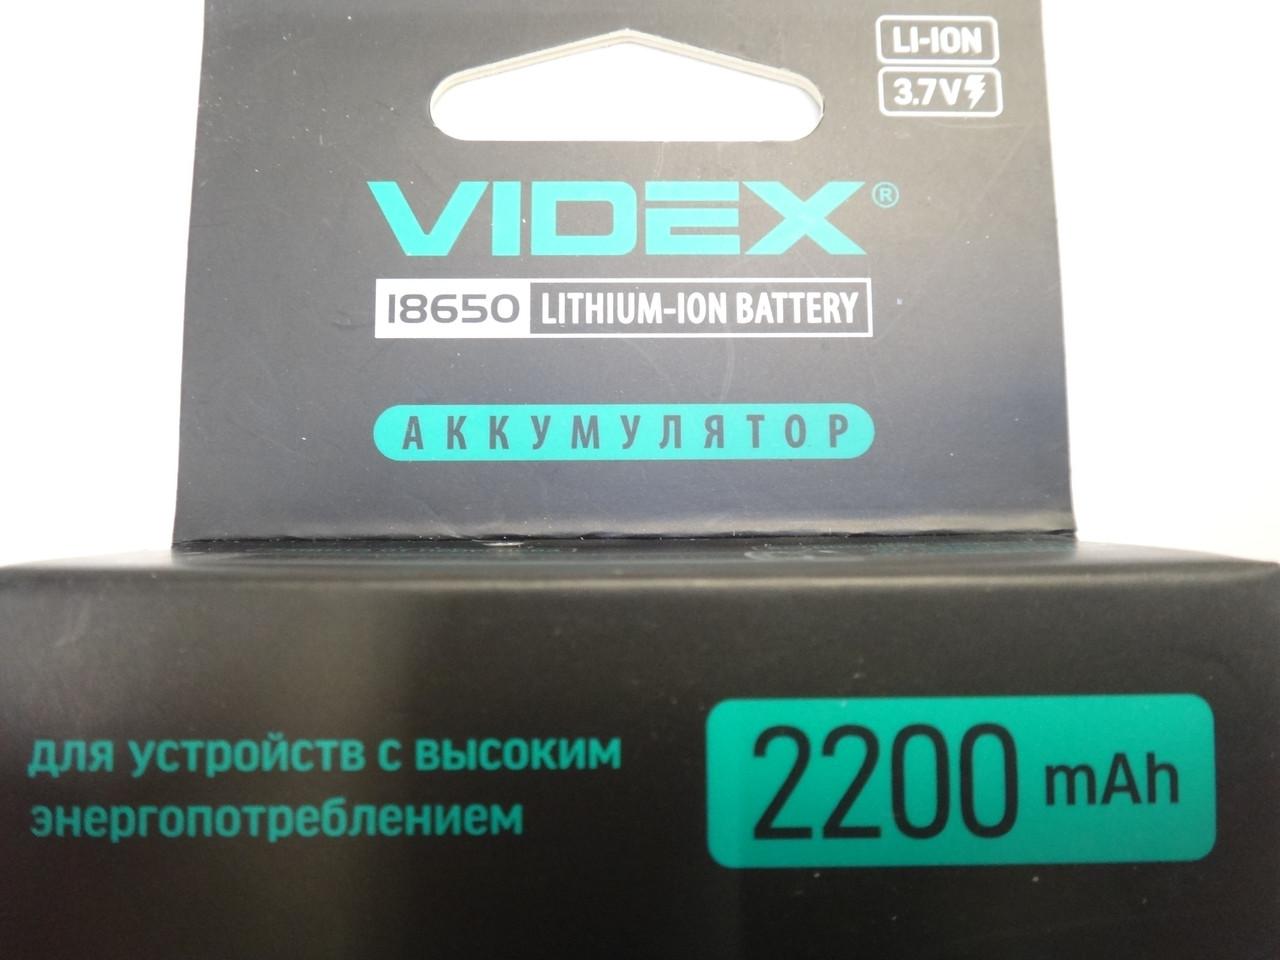 Литиевый Аккумулятор Videx 18650 2200mAh 3.7v Li-ion защита